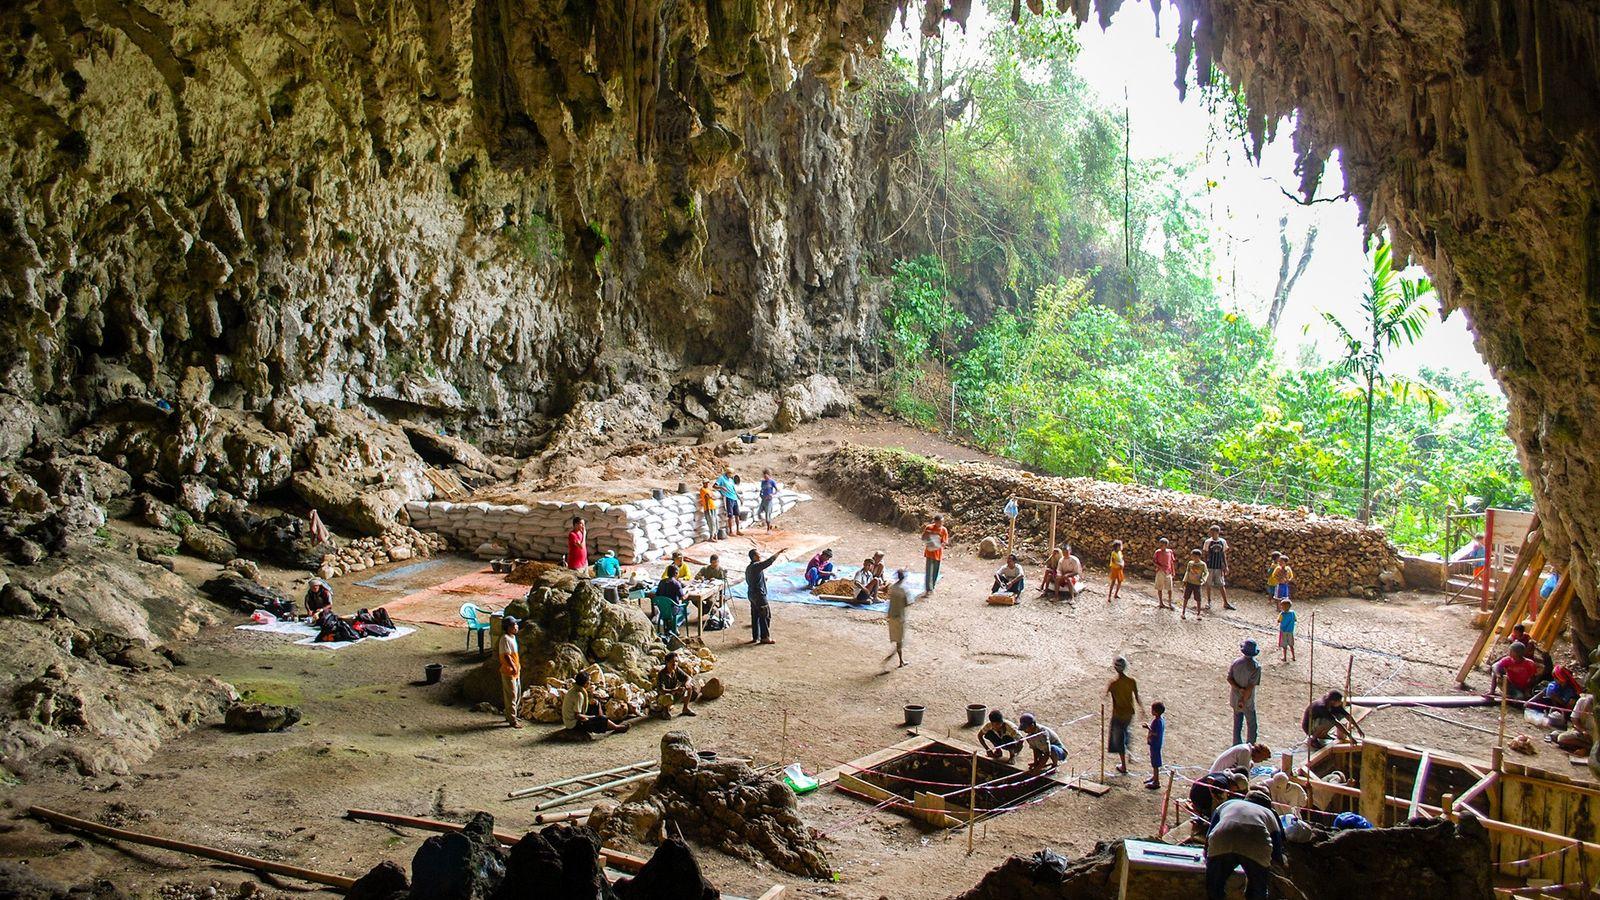 Los arqueólogos excavaron en Liang Bua, una cueva de piedra caliza en la isla indonesia de ...